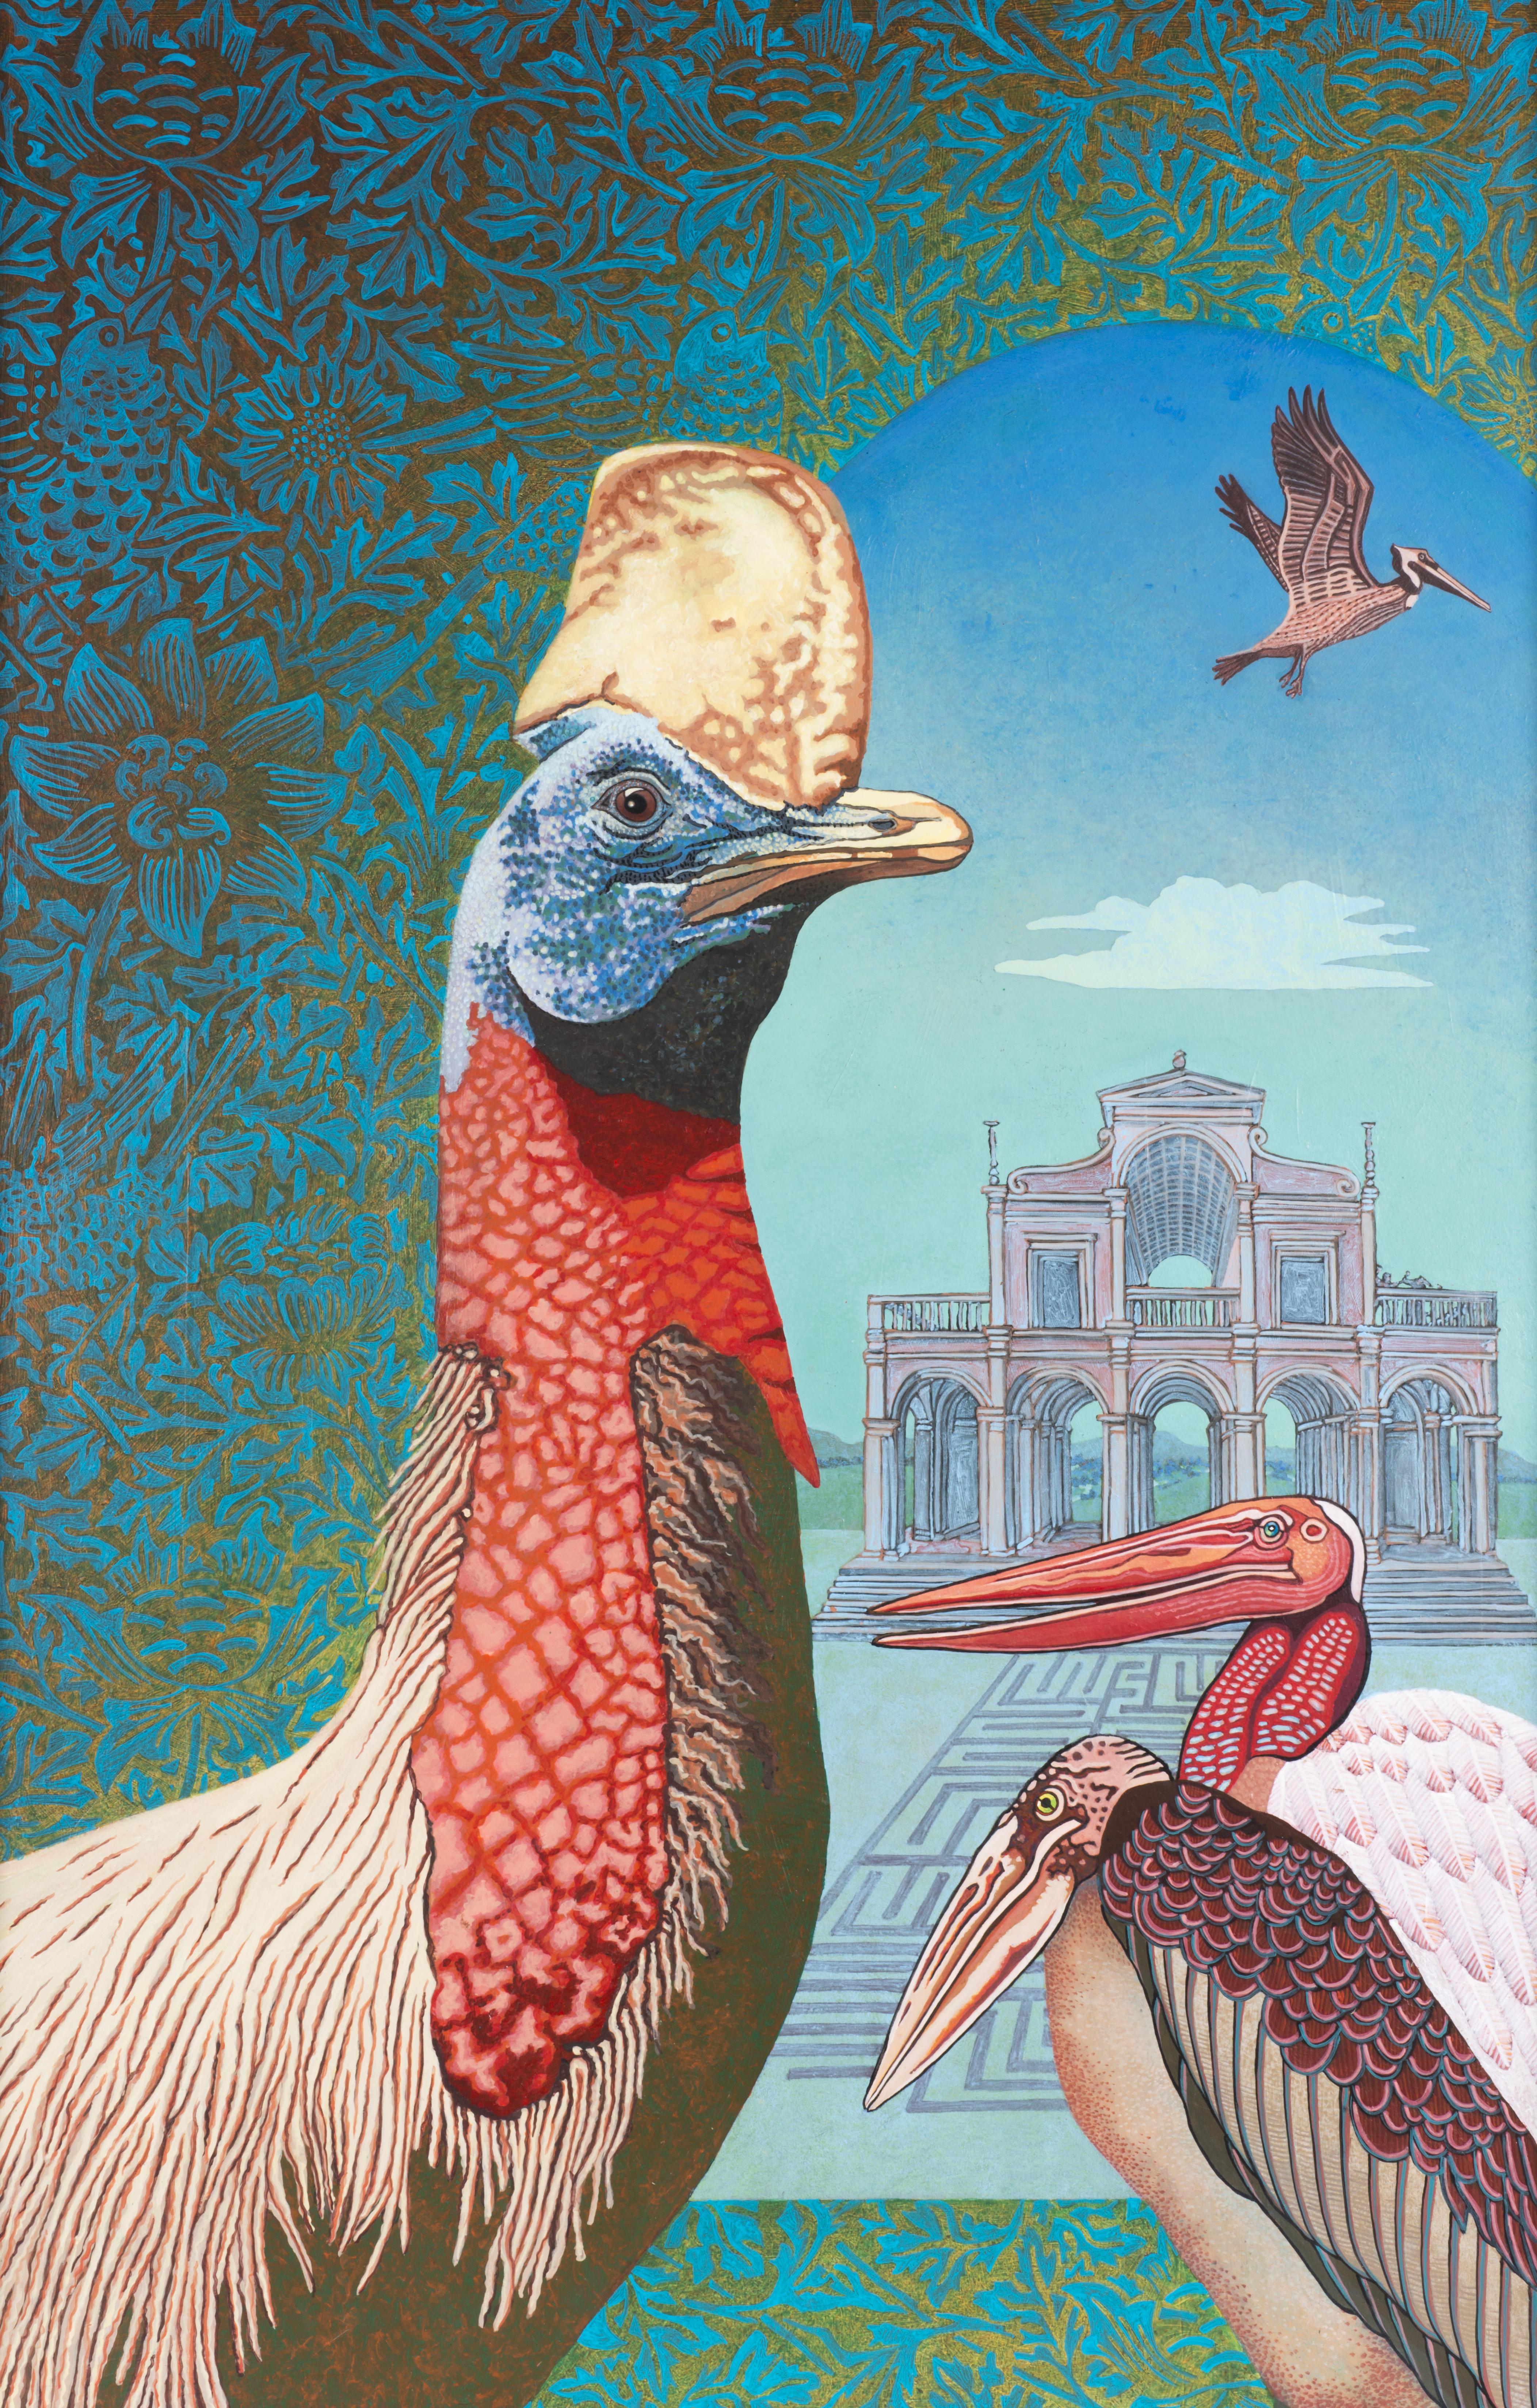 Het vogelparadijs, acrylverf op paneel 100 x 65 cm